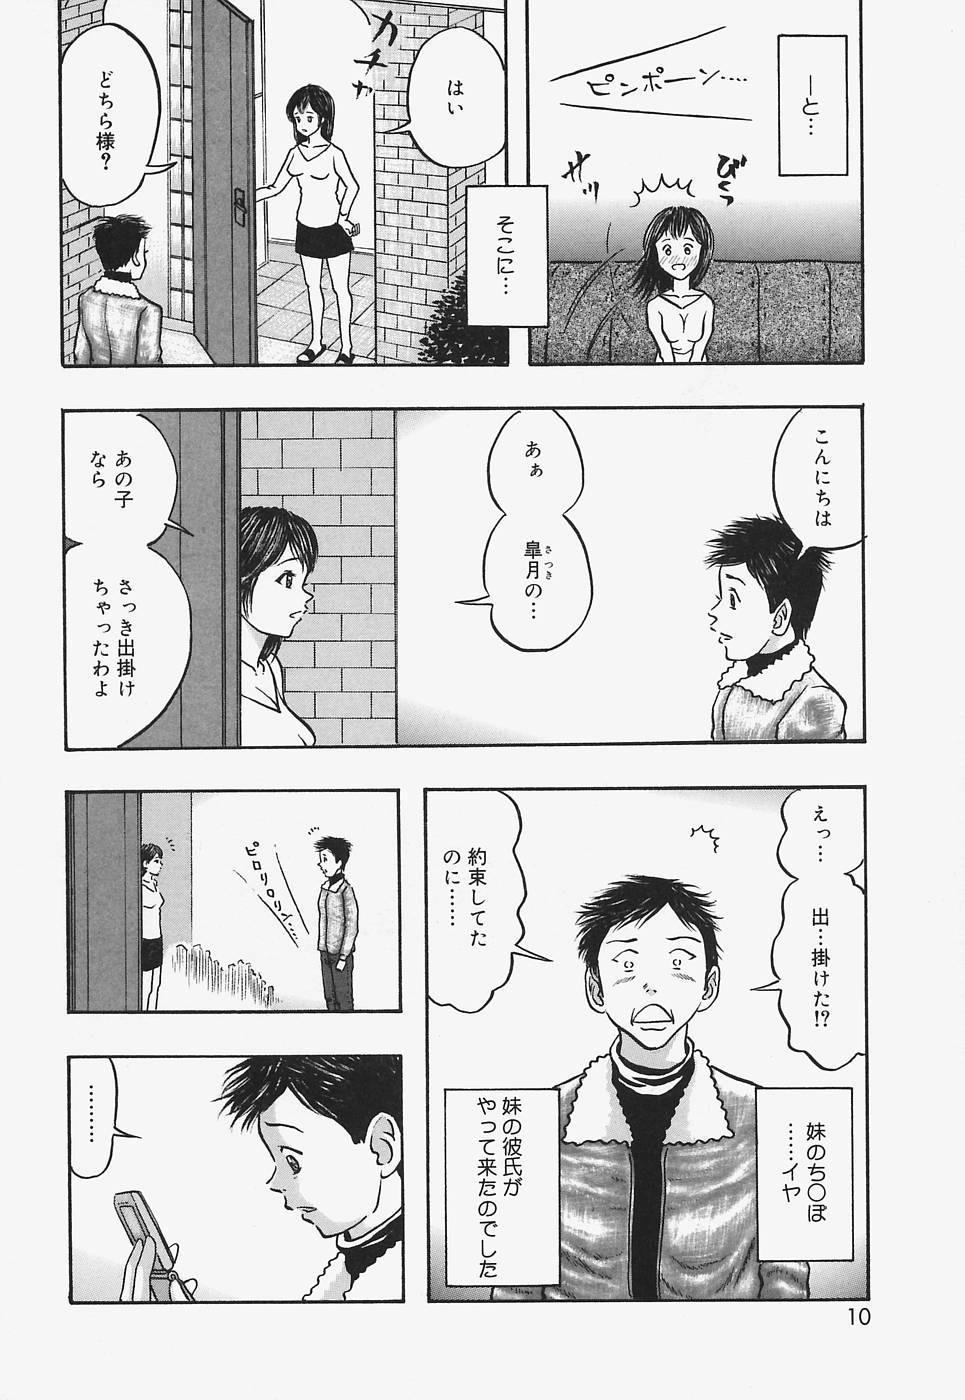 Nurunuru Syoujyo Jiru 9